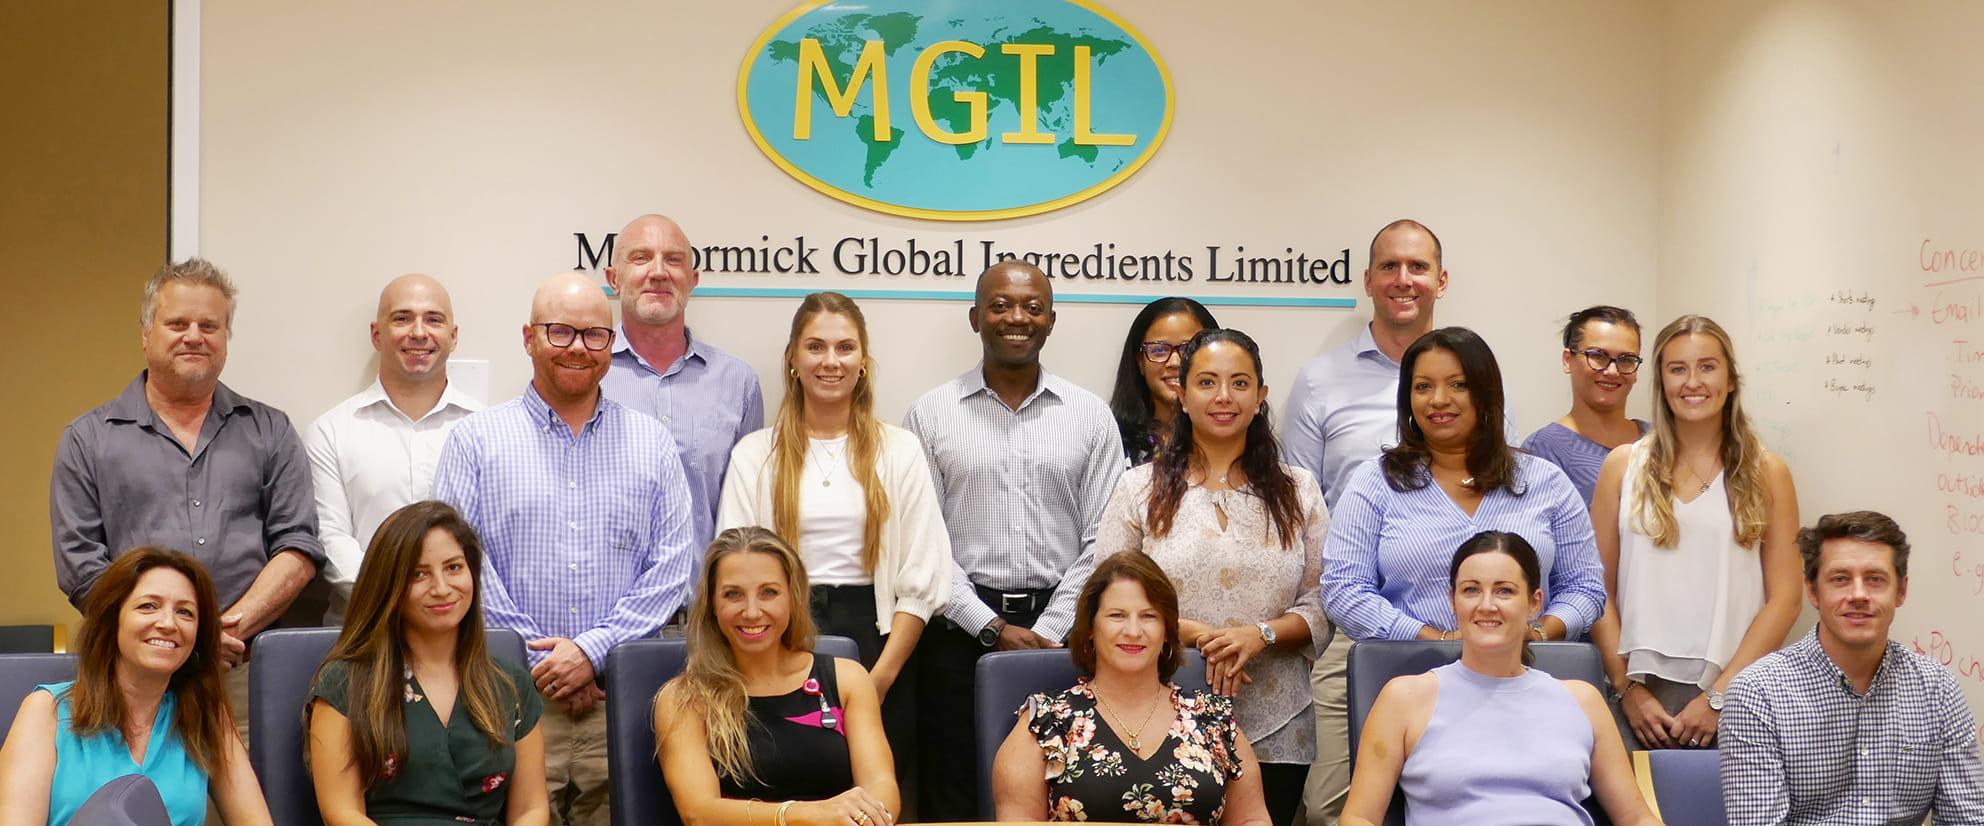 McCormick Global Ingredients Limited MGIL team photo